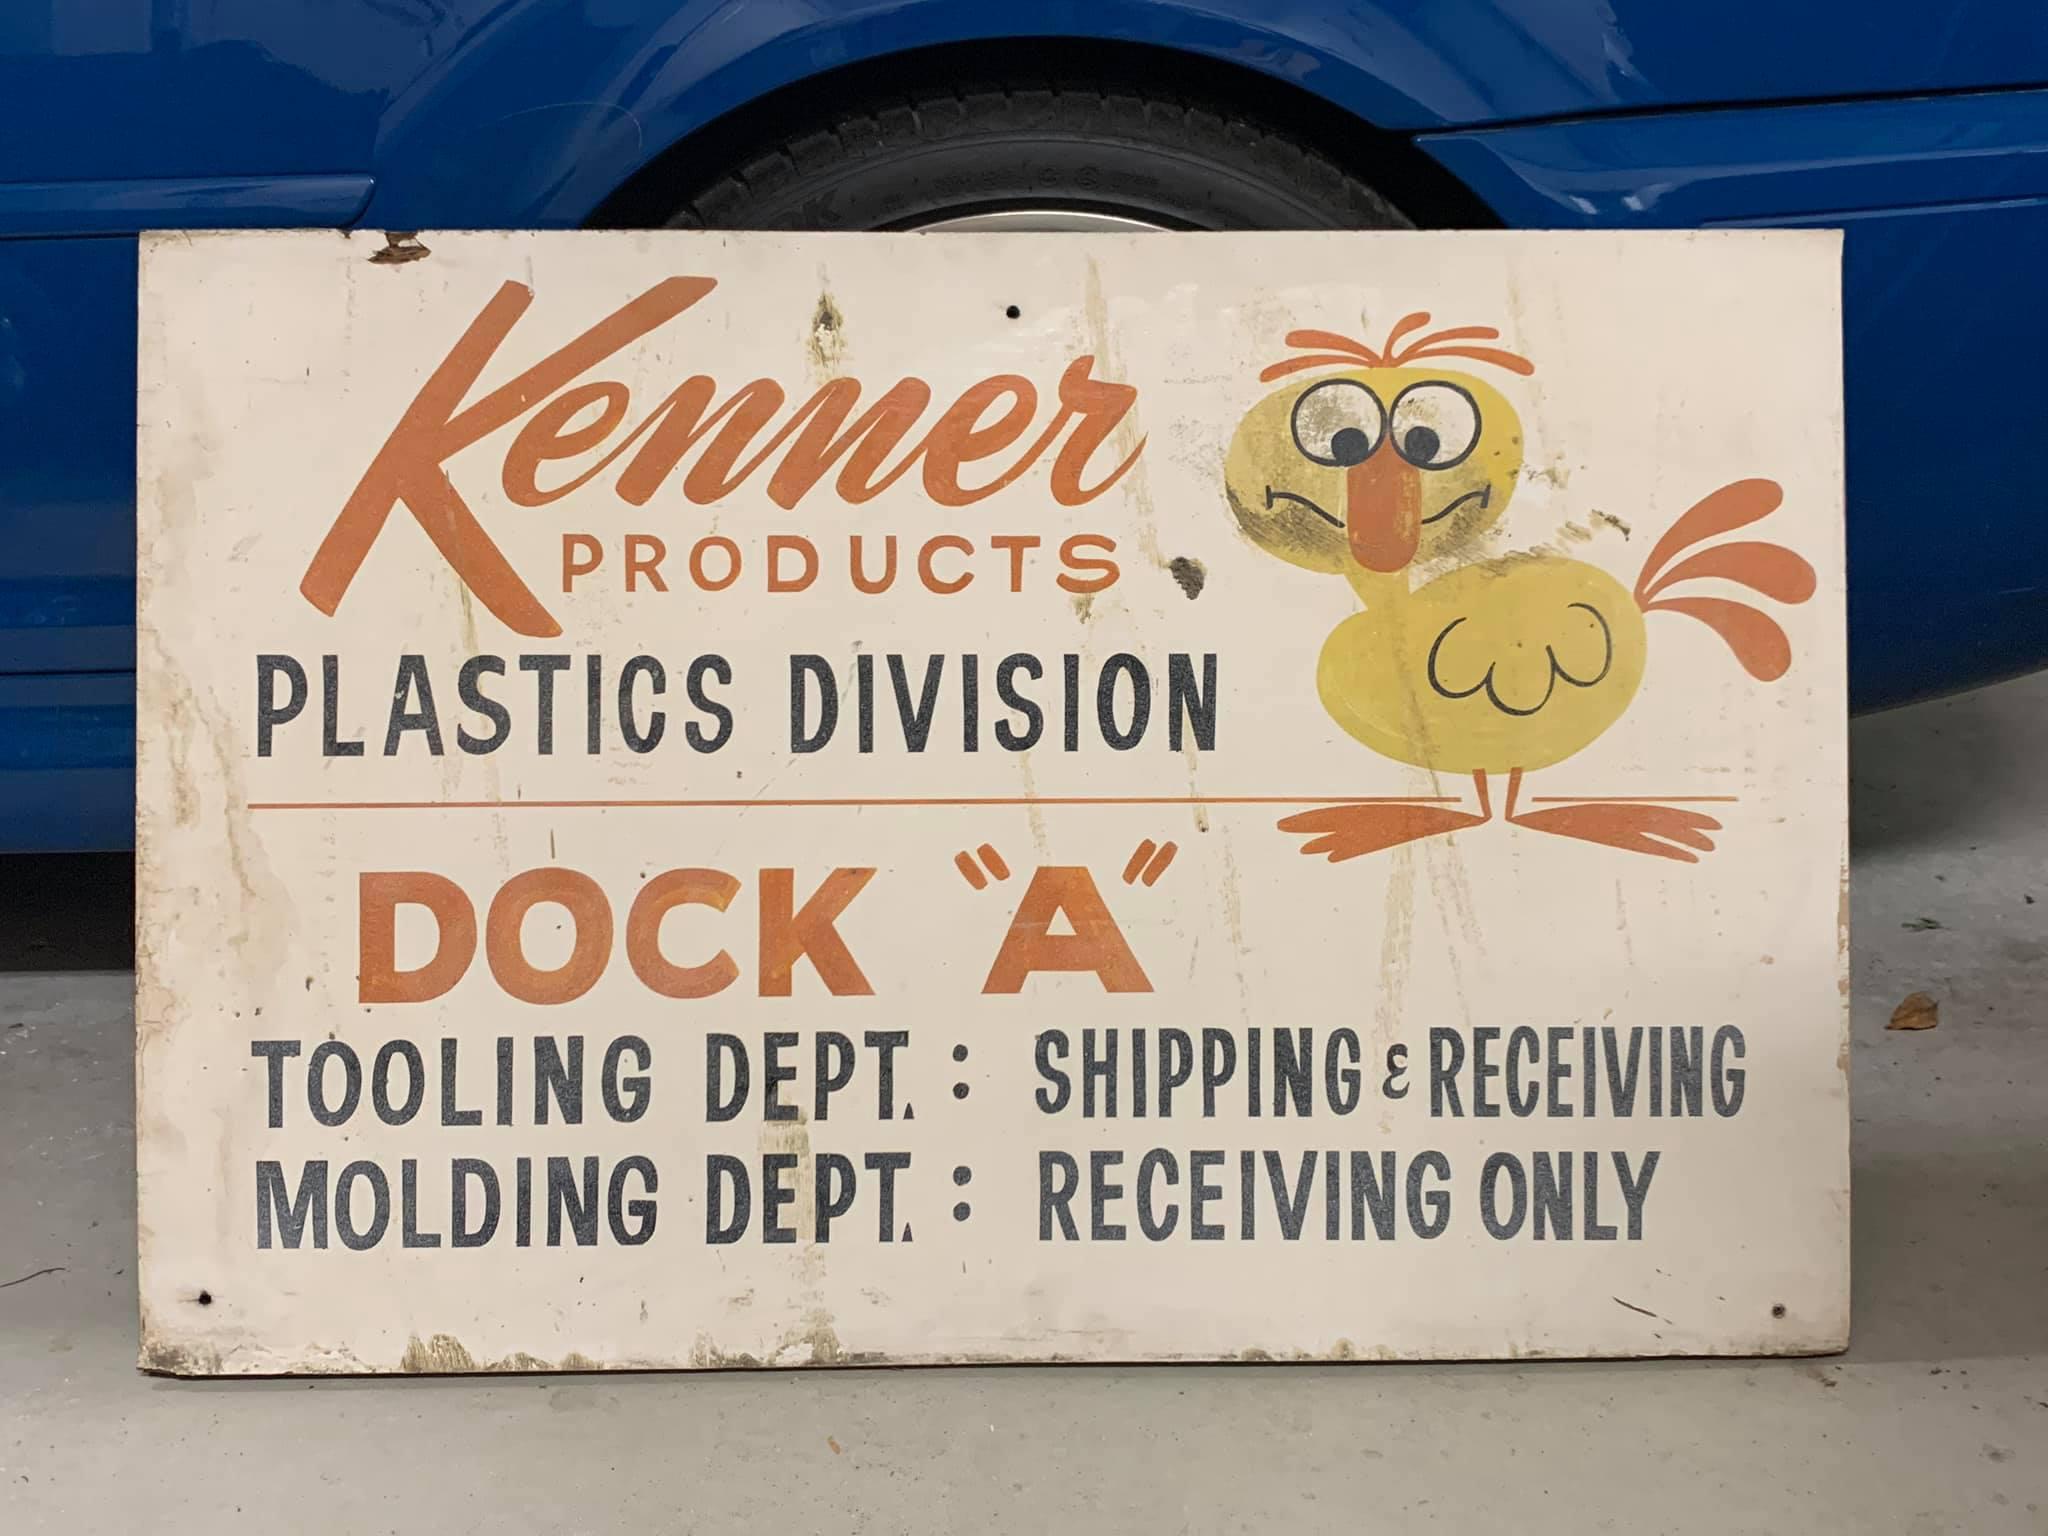 Egy érdekes kincsvadászat története... a Kenner egyik elhagyatott épületéből